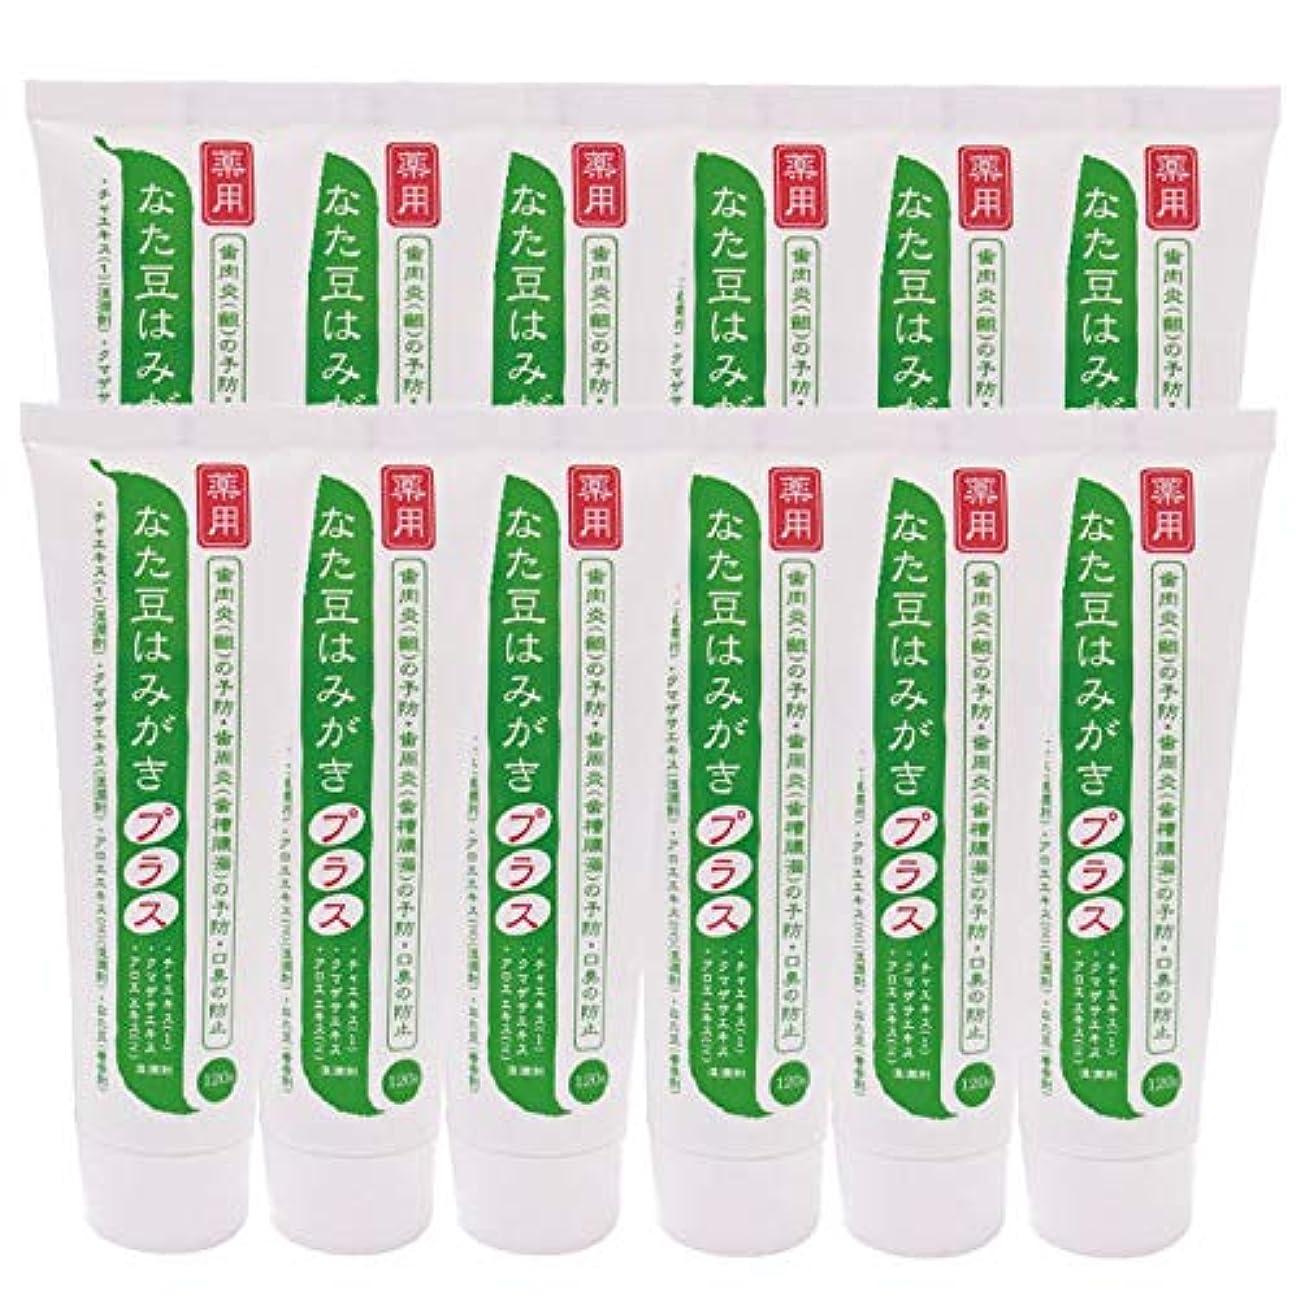 警察フィード眼薬用 なた豆はみがきプラス 120g(12本セット)